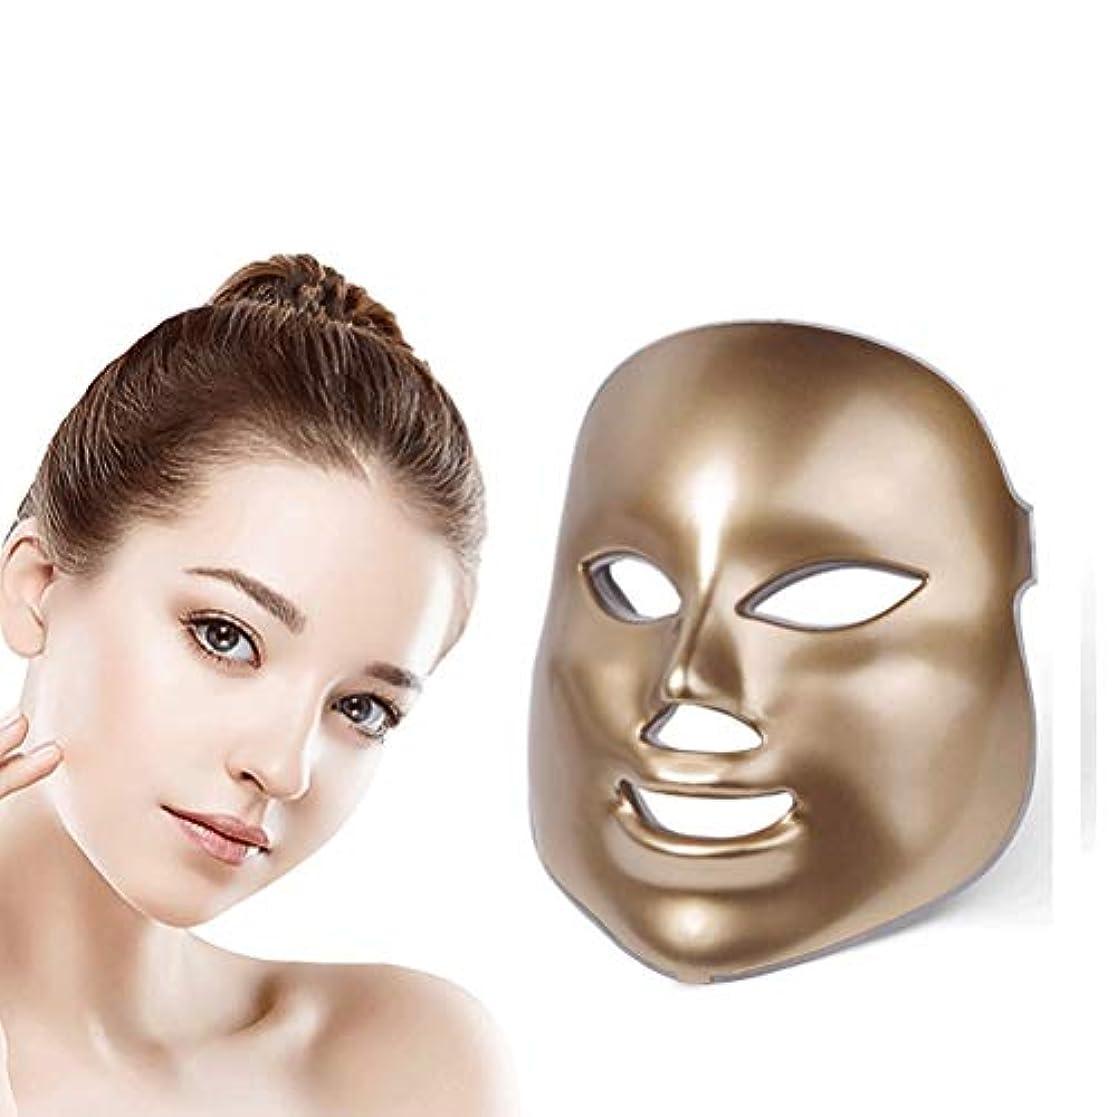 負担ビリーヤギ継続中美容ライトセラピーフェイスマスク、LEDフォトンセラピー7色の光処理スキンフェイシャル?ビューティサロンPDT技術にきび削減リンクル肌の若返りのために